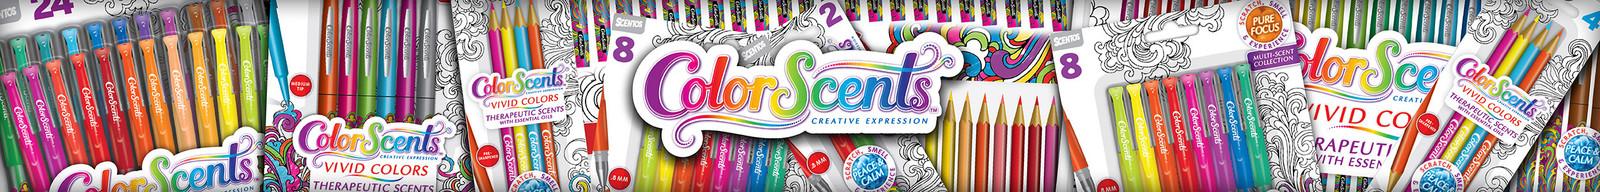 ColorScents